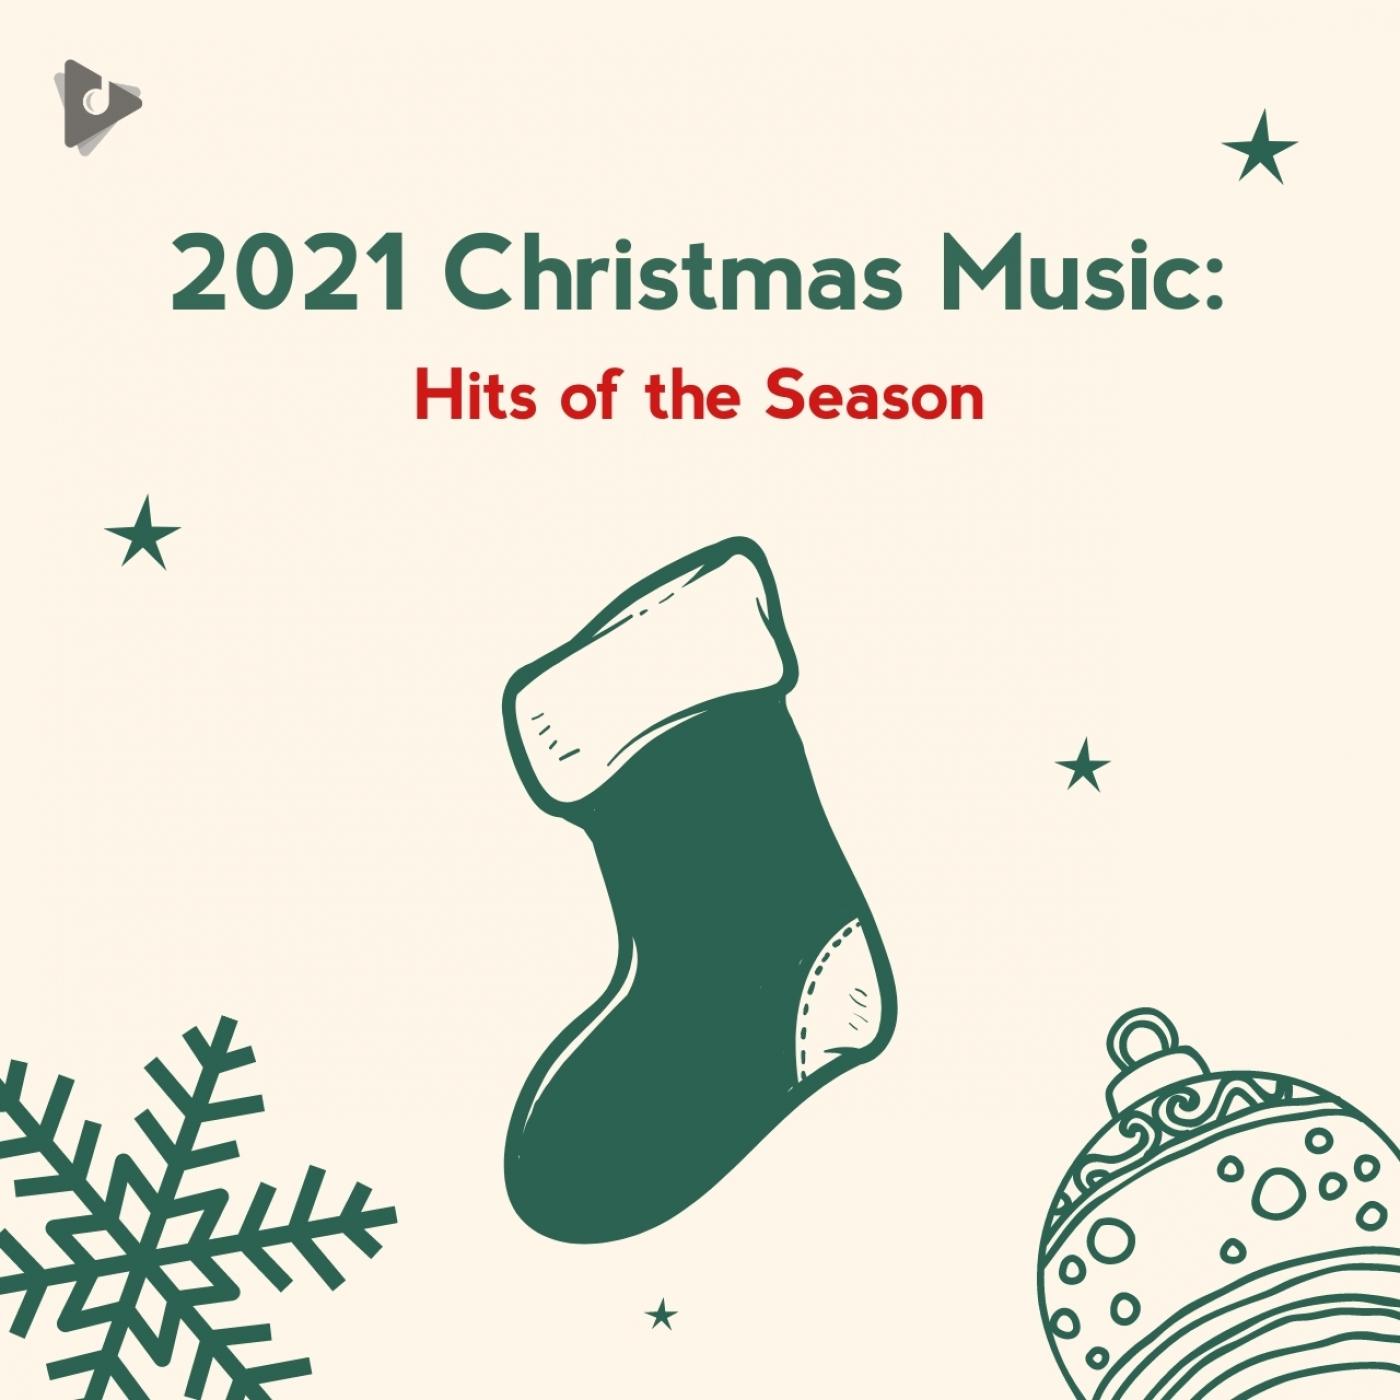 2021 Christmas Music: Hits of the Season